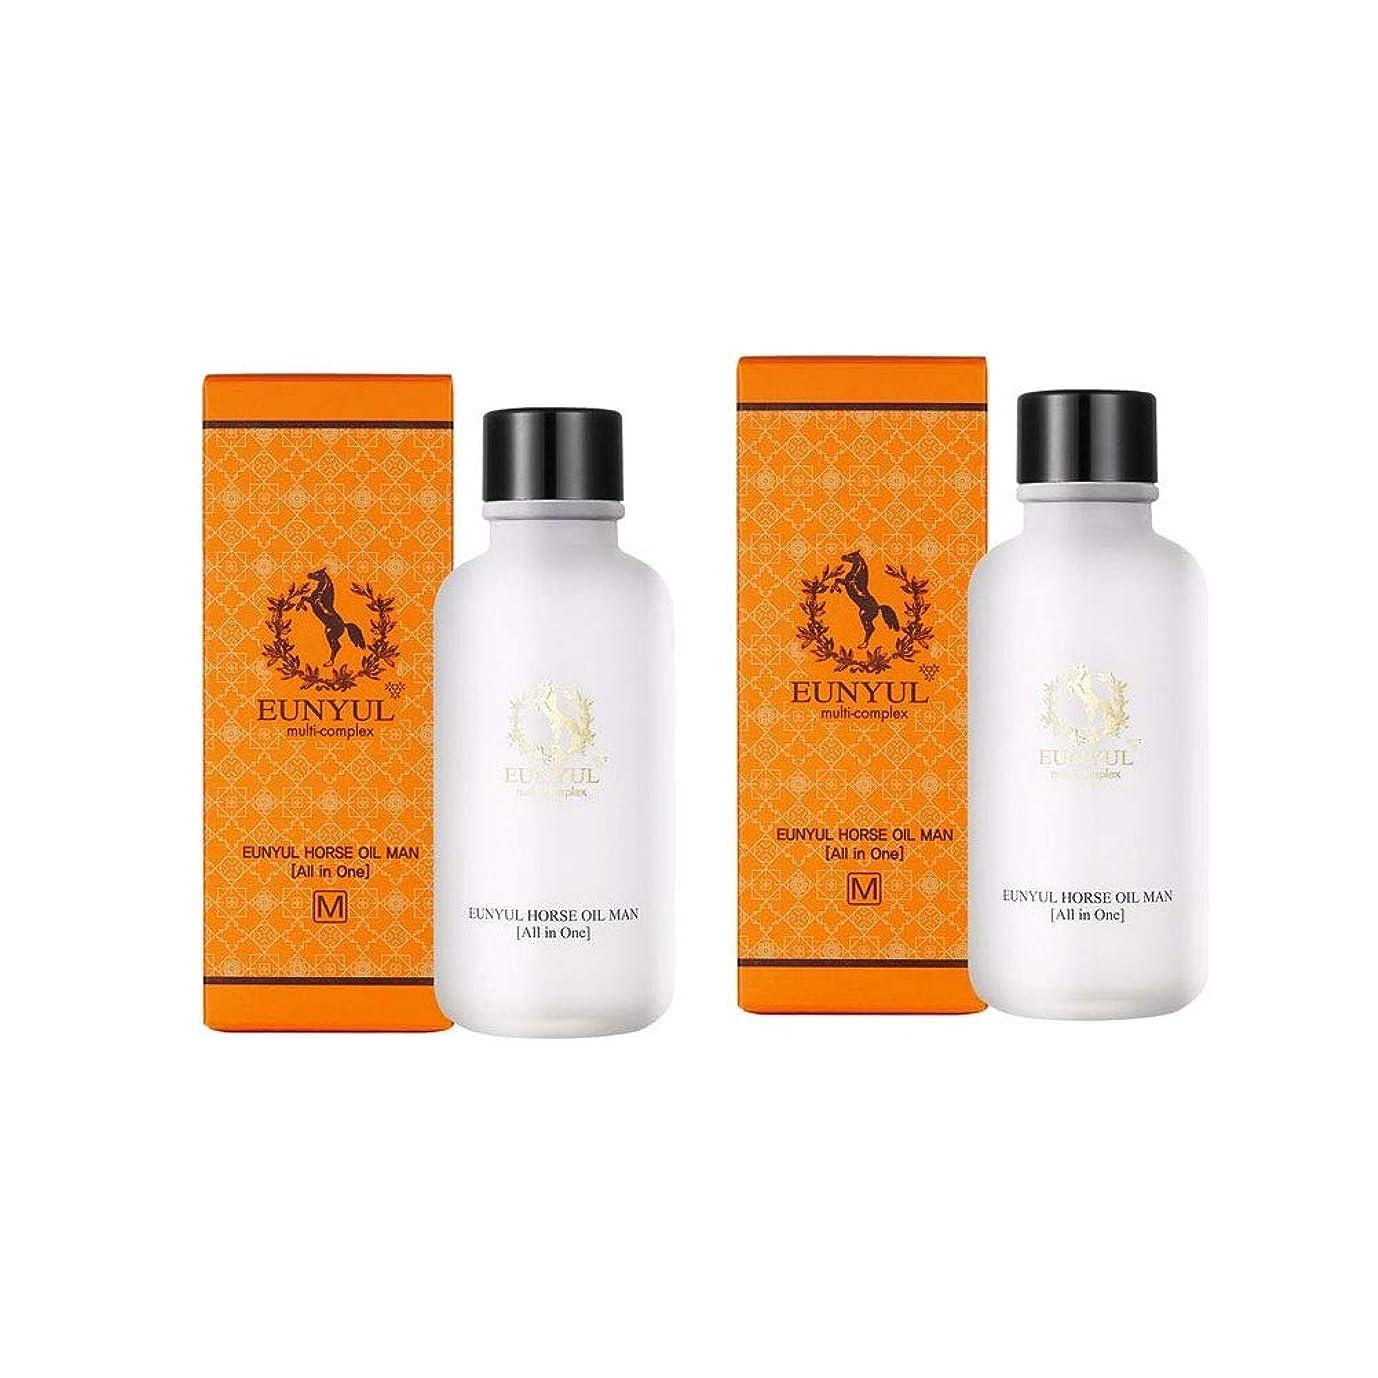 ライフル挽く価値Eunyul馬油オールインワン125mlx2本セットメンズコスメ韓国コスメ、Eunyul Horse Oil All in One 125ml x 2ea Set Men's Cosmetics Korean Cosmetics [並行輸入品]